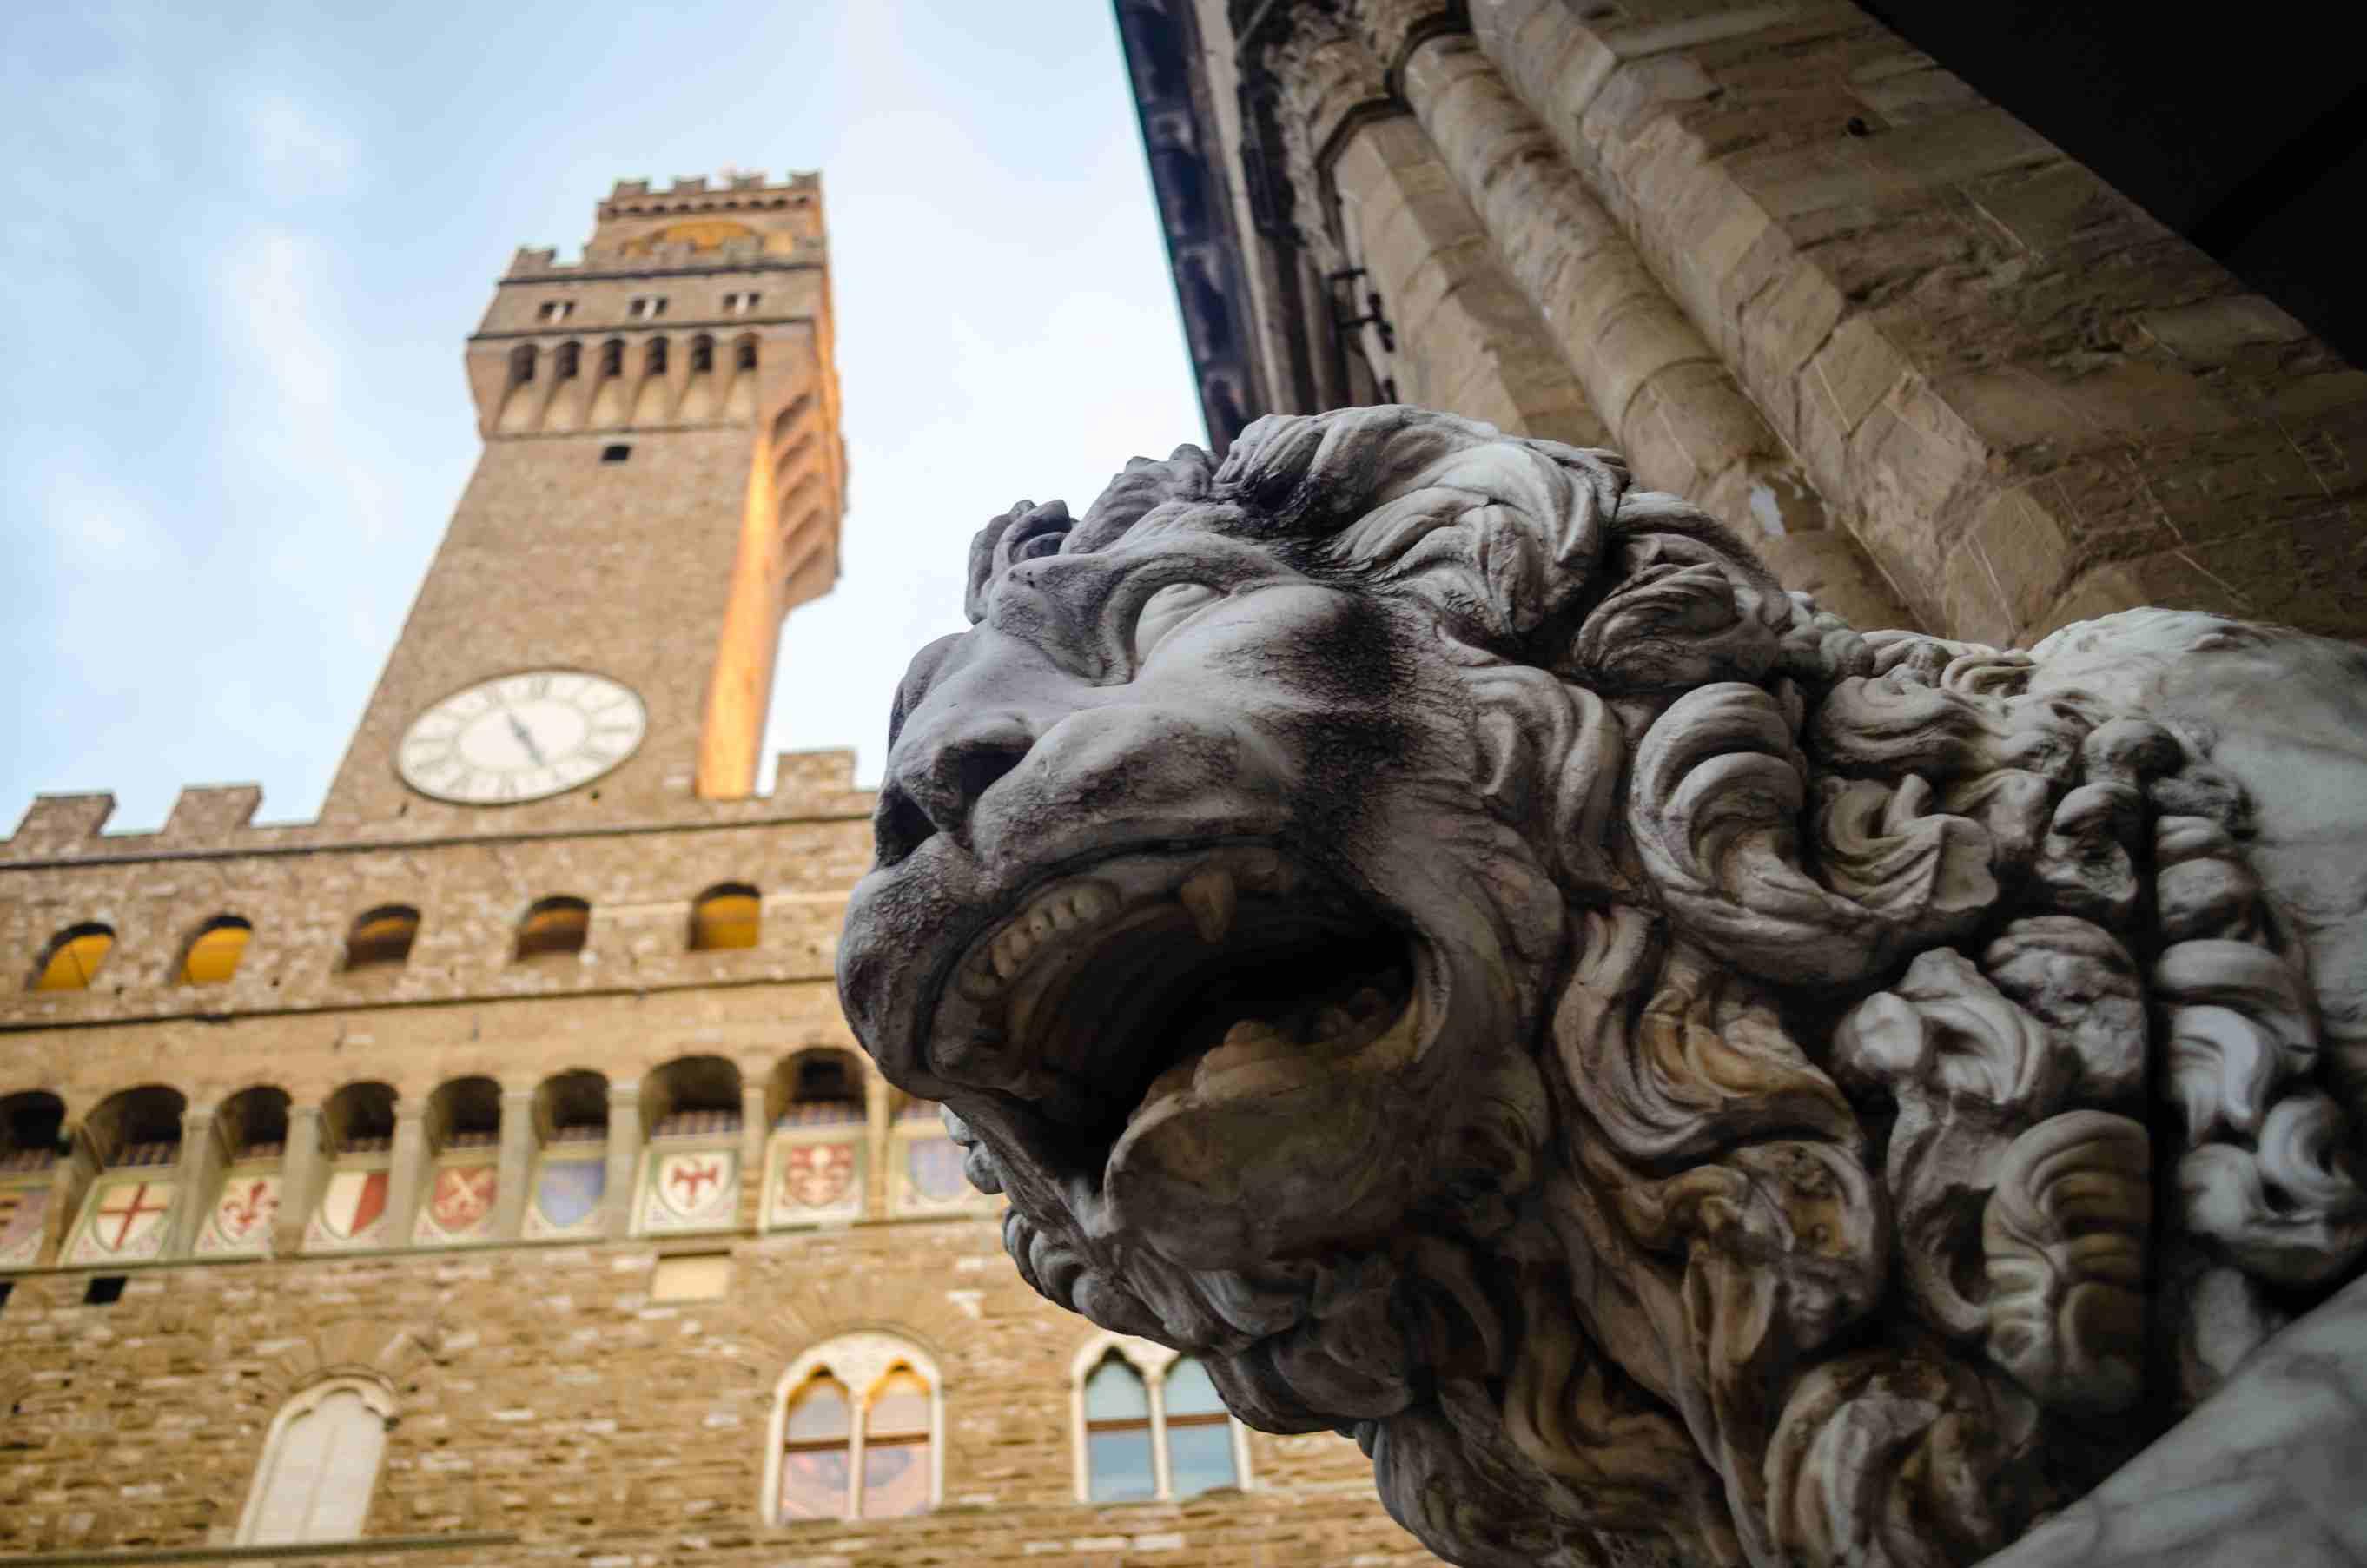 Estatua del León con el Palazzo Vecchio en Florencia, Italia